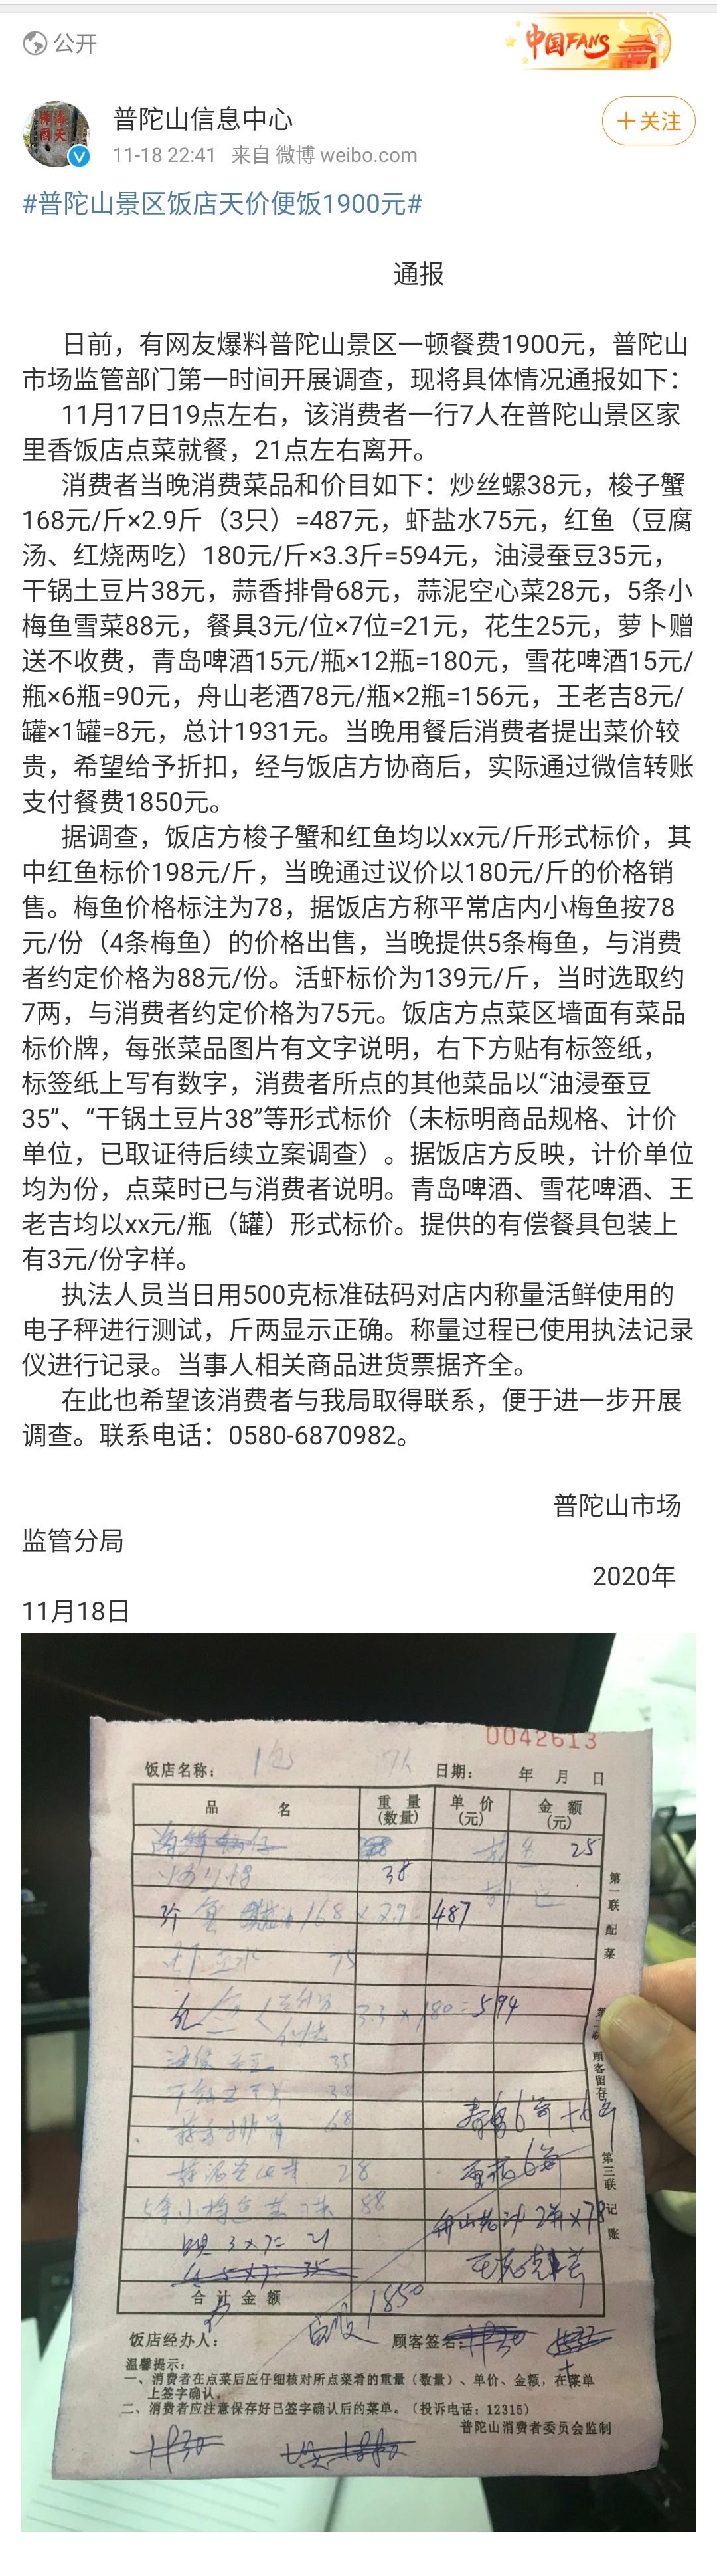 网友爆料普陀山景区一顿餐费1900元 官方公布调查结果